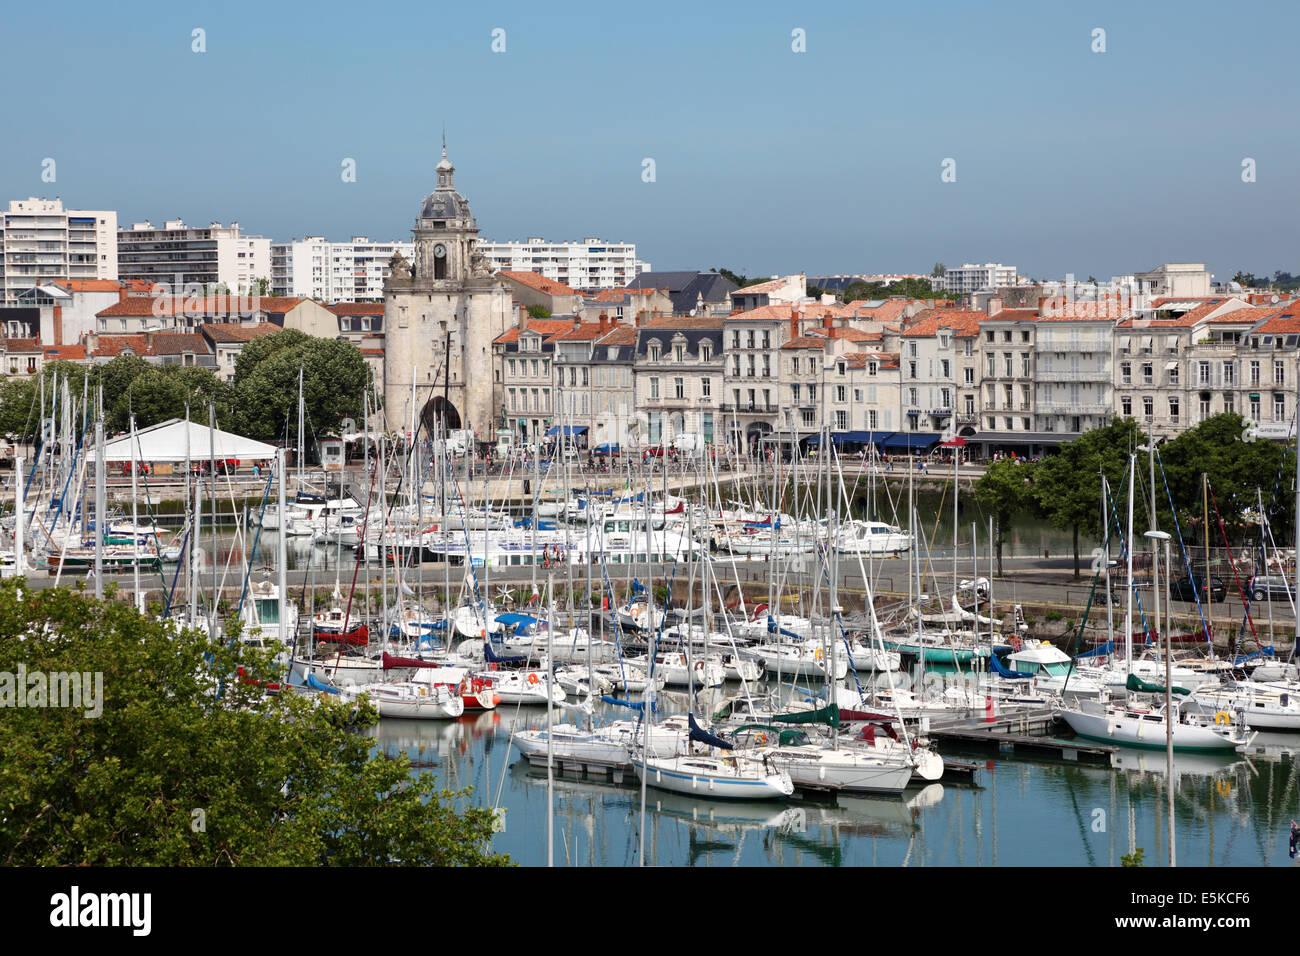 Port de plaisance de la rochelle charente maritime france banque d 39 images photo stock - Restaurant la rochelle port ...